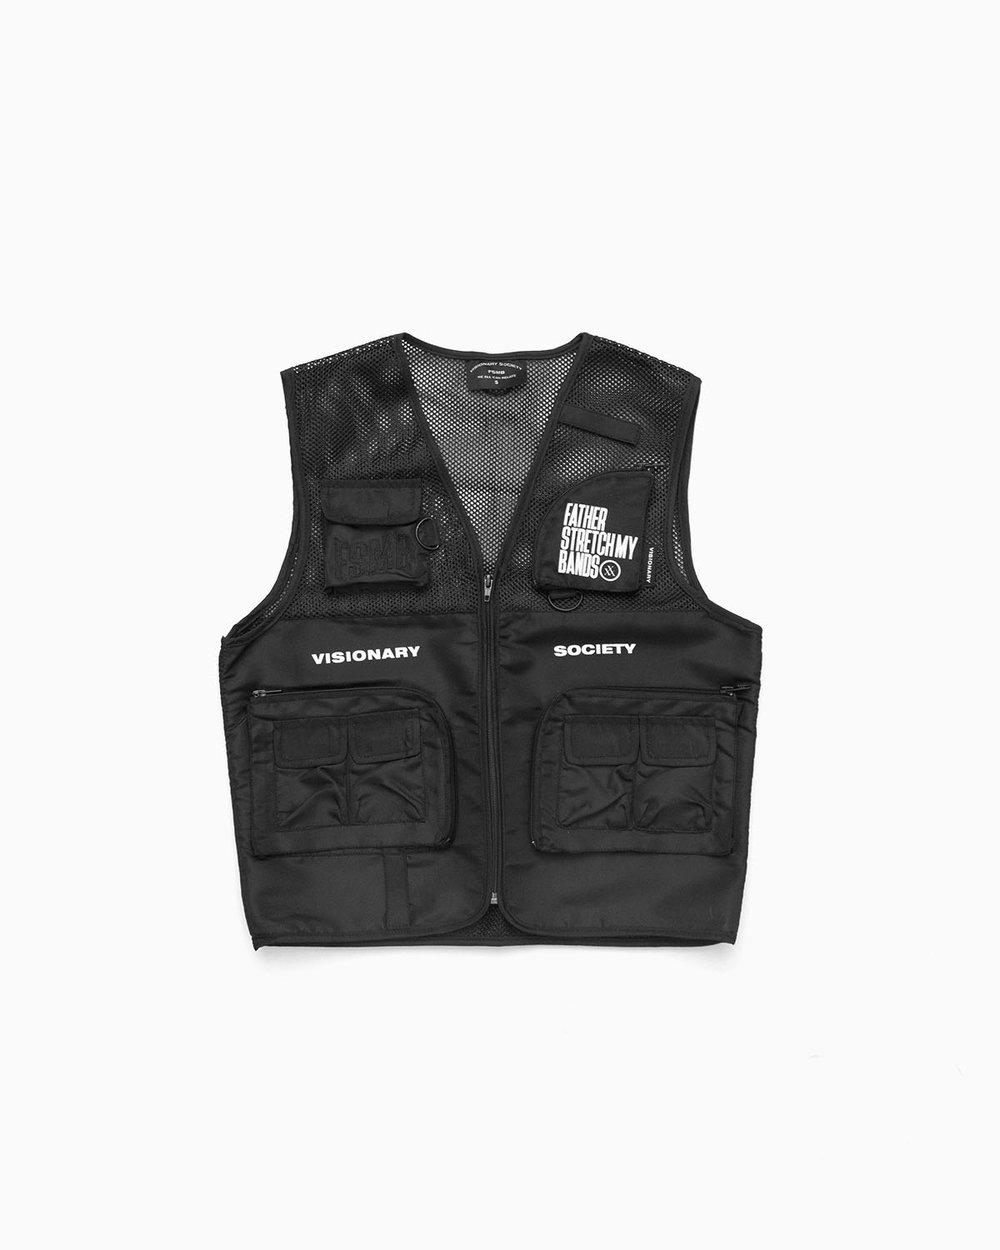 Image of FSMB Black Tactical vest